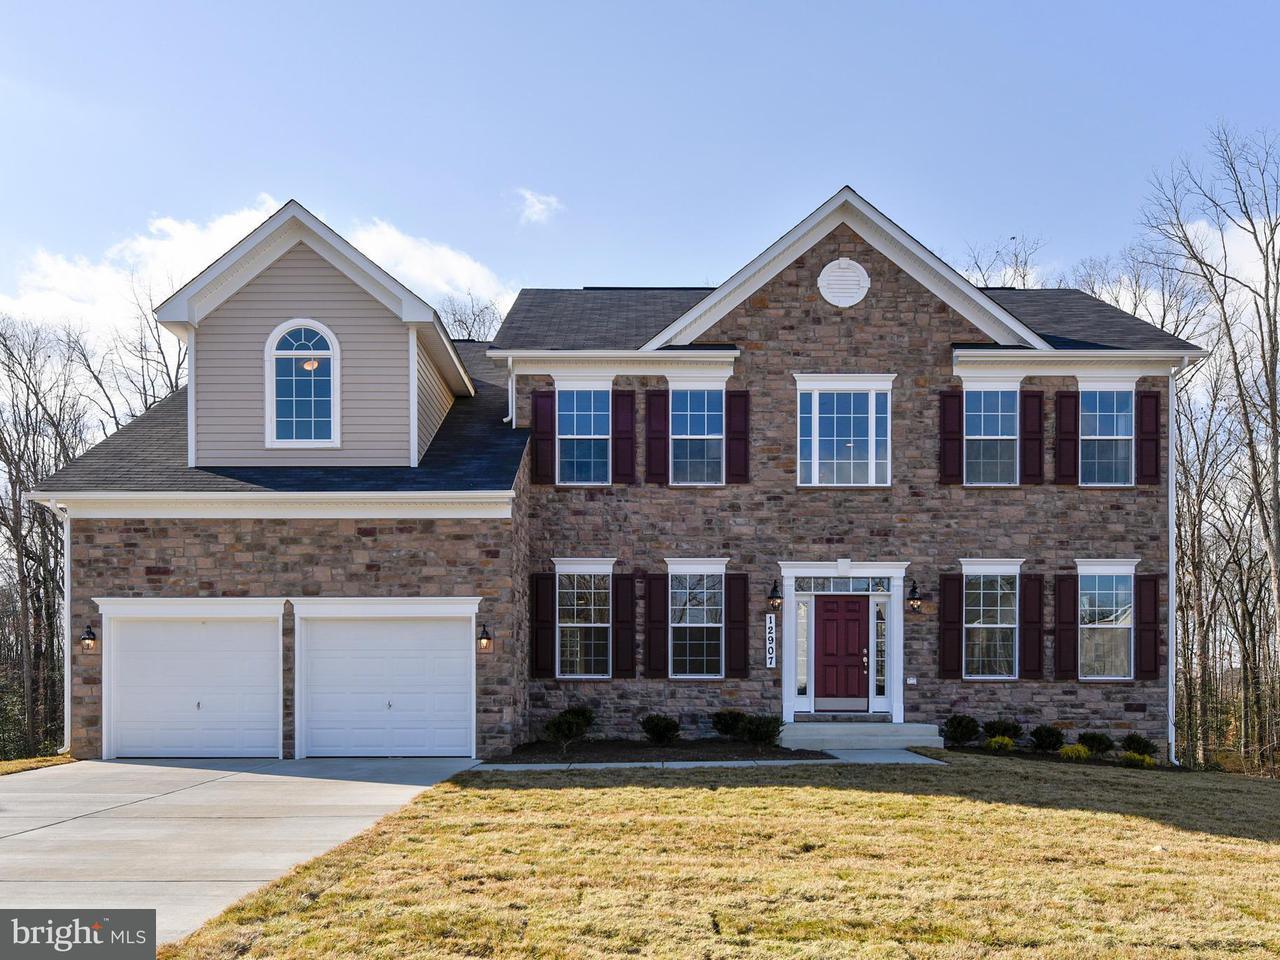 Частный односемейный дом для того Продажа на 12907 STEAM MILL FARM Drive 12907 STEAM MILL FARM Drive Brandywine, Мэриленд 20613 Соединенные Штаты